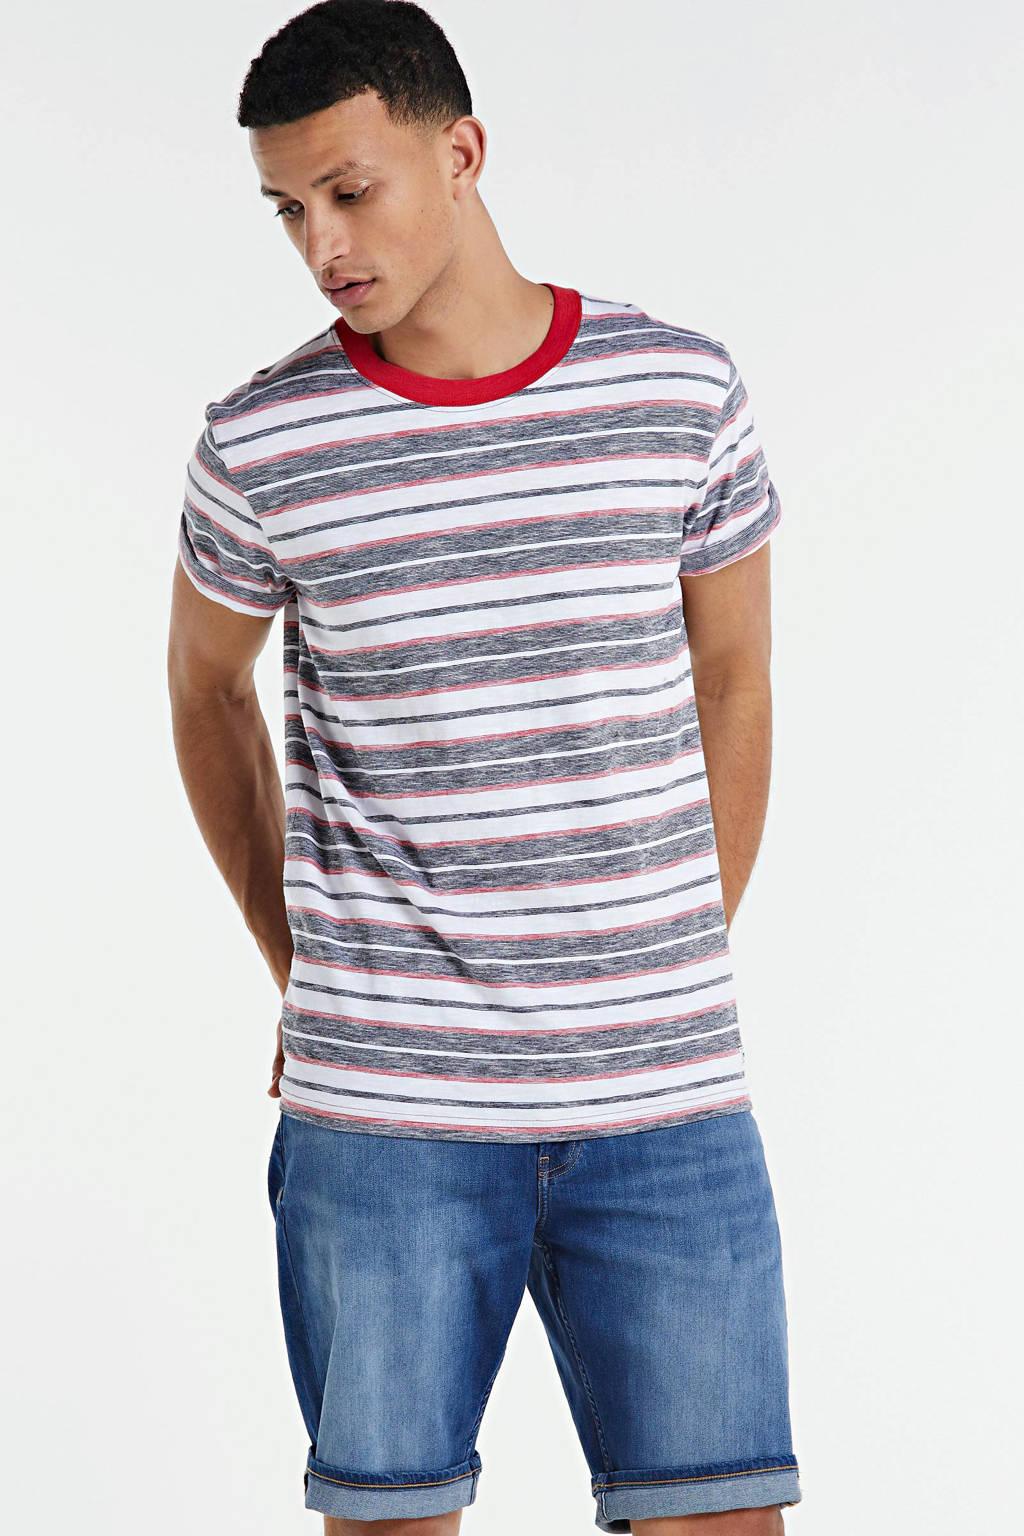 PRODUKT T-shirt - (set van 2 ), Grijsblauw/rood/wit